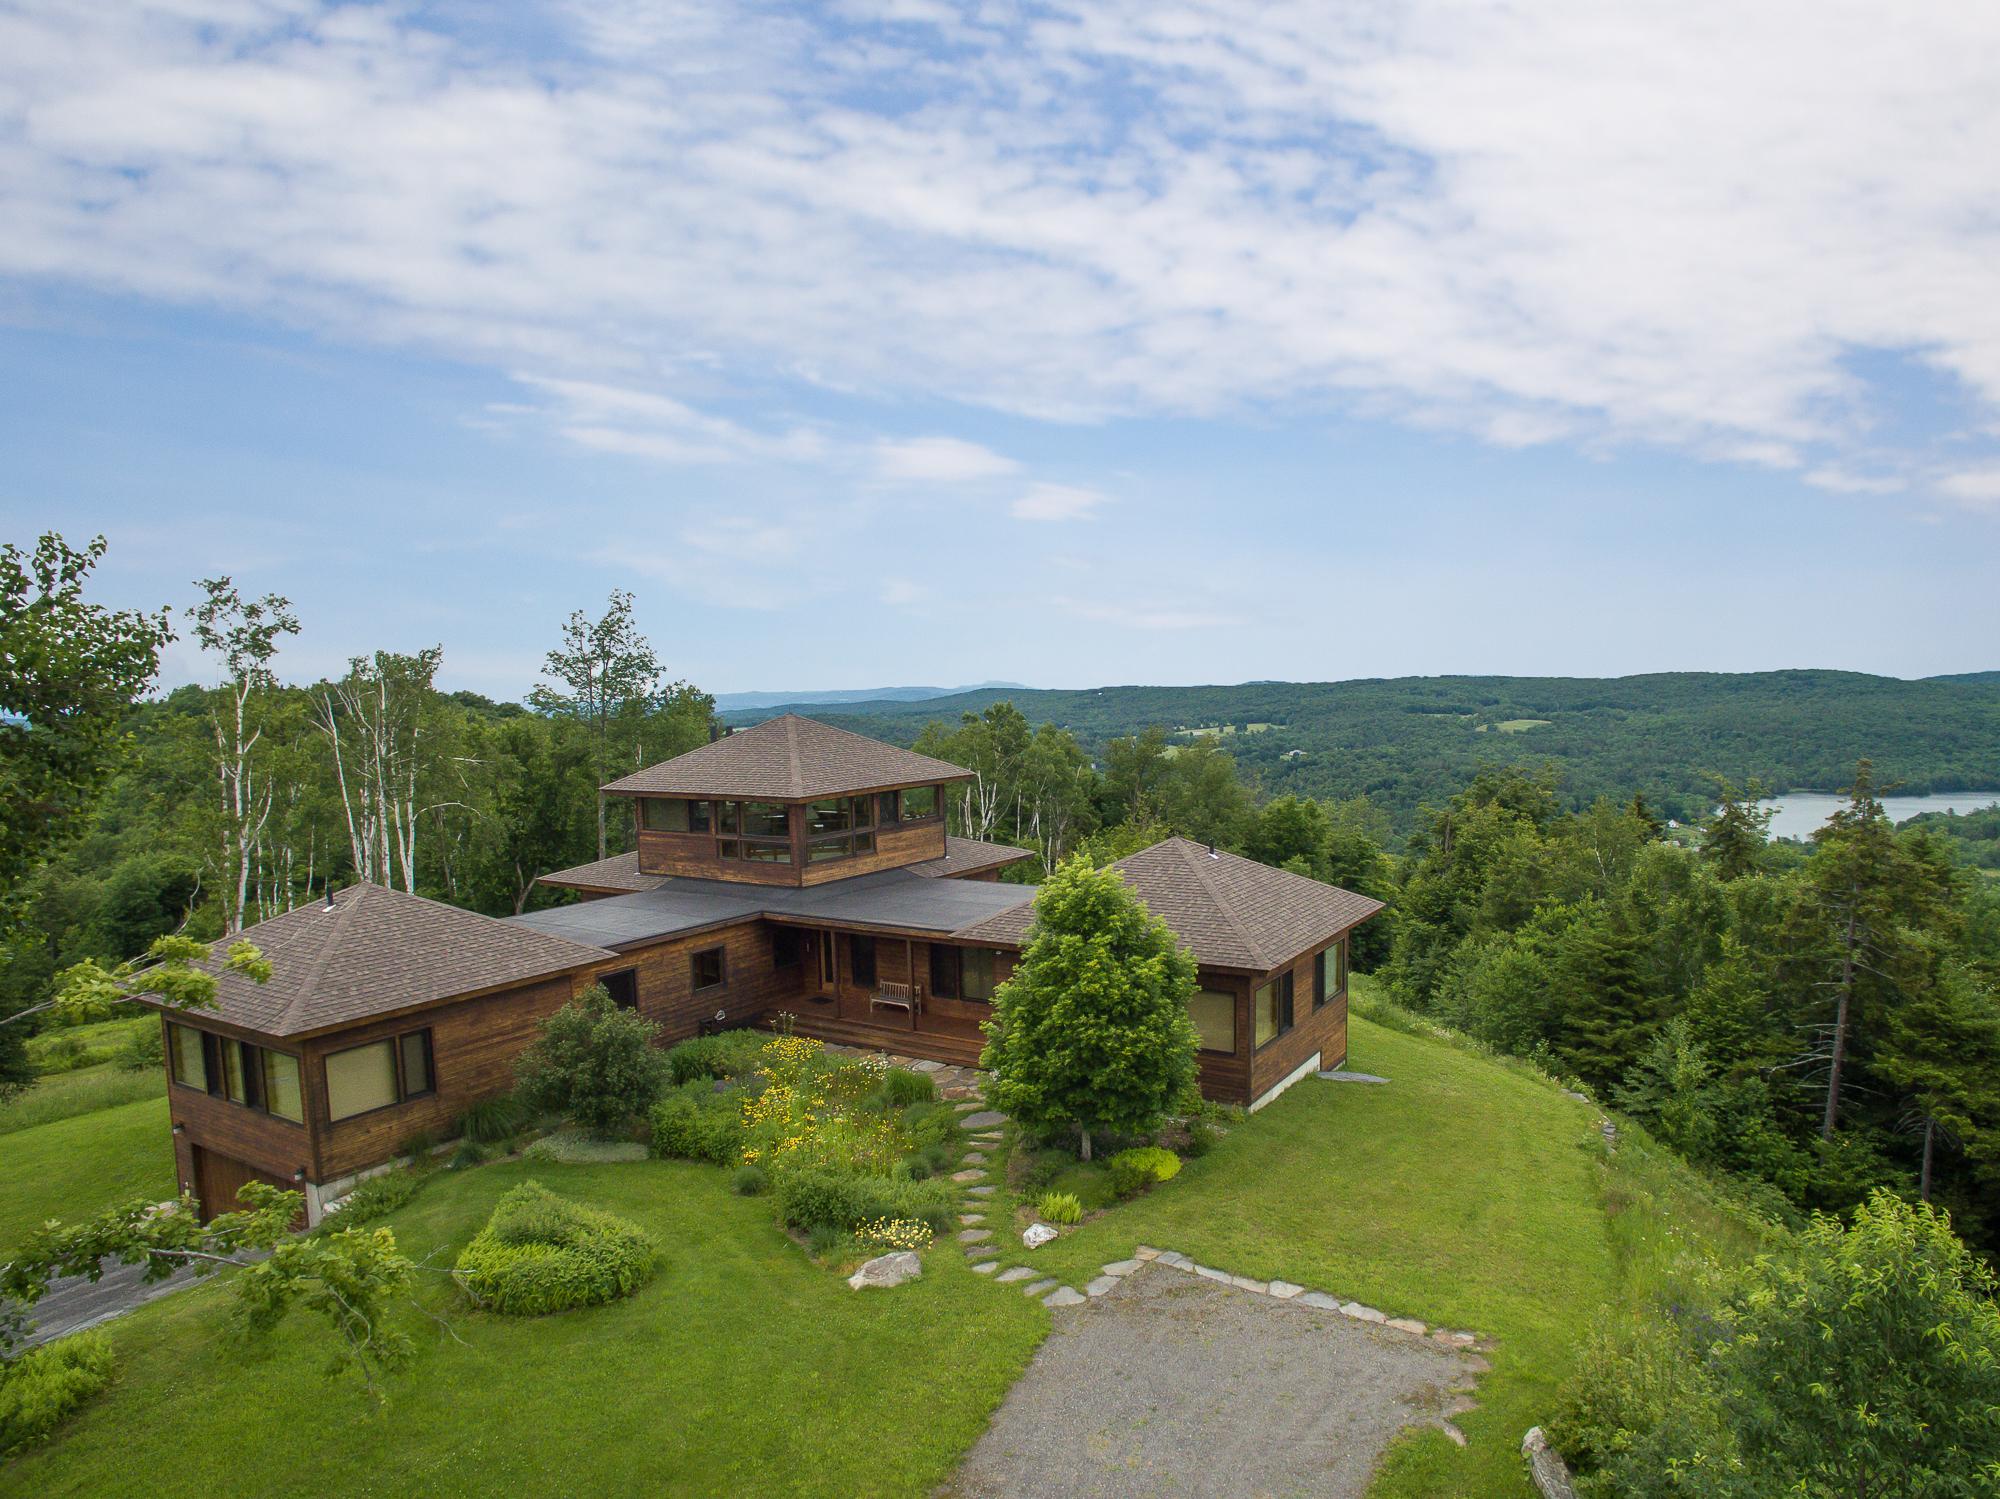 Maison unifamiliale pour l Vente à 287 Bennett Road Rd, Barnard Barnard, Vermont, 05031 États-Unis